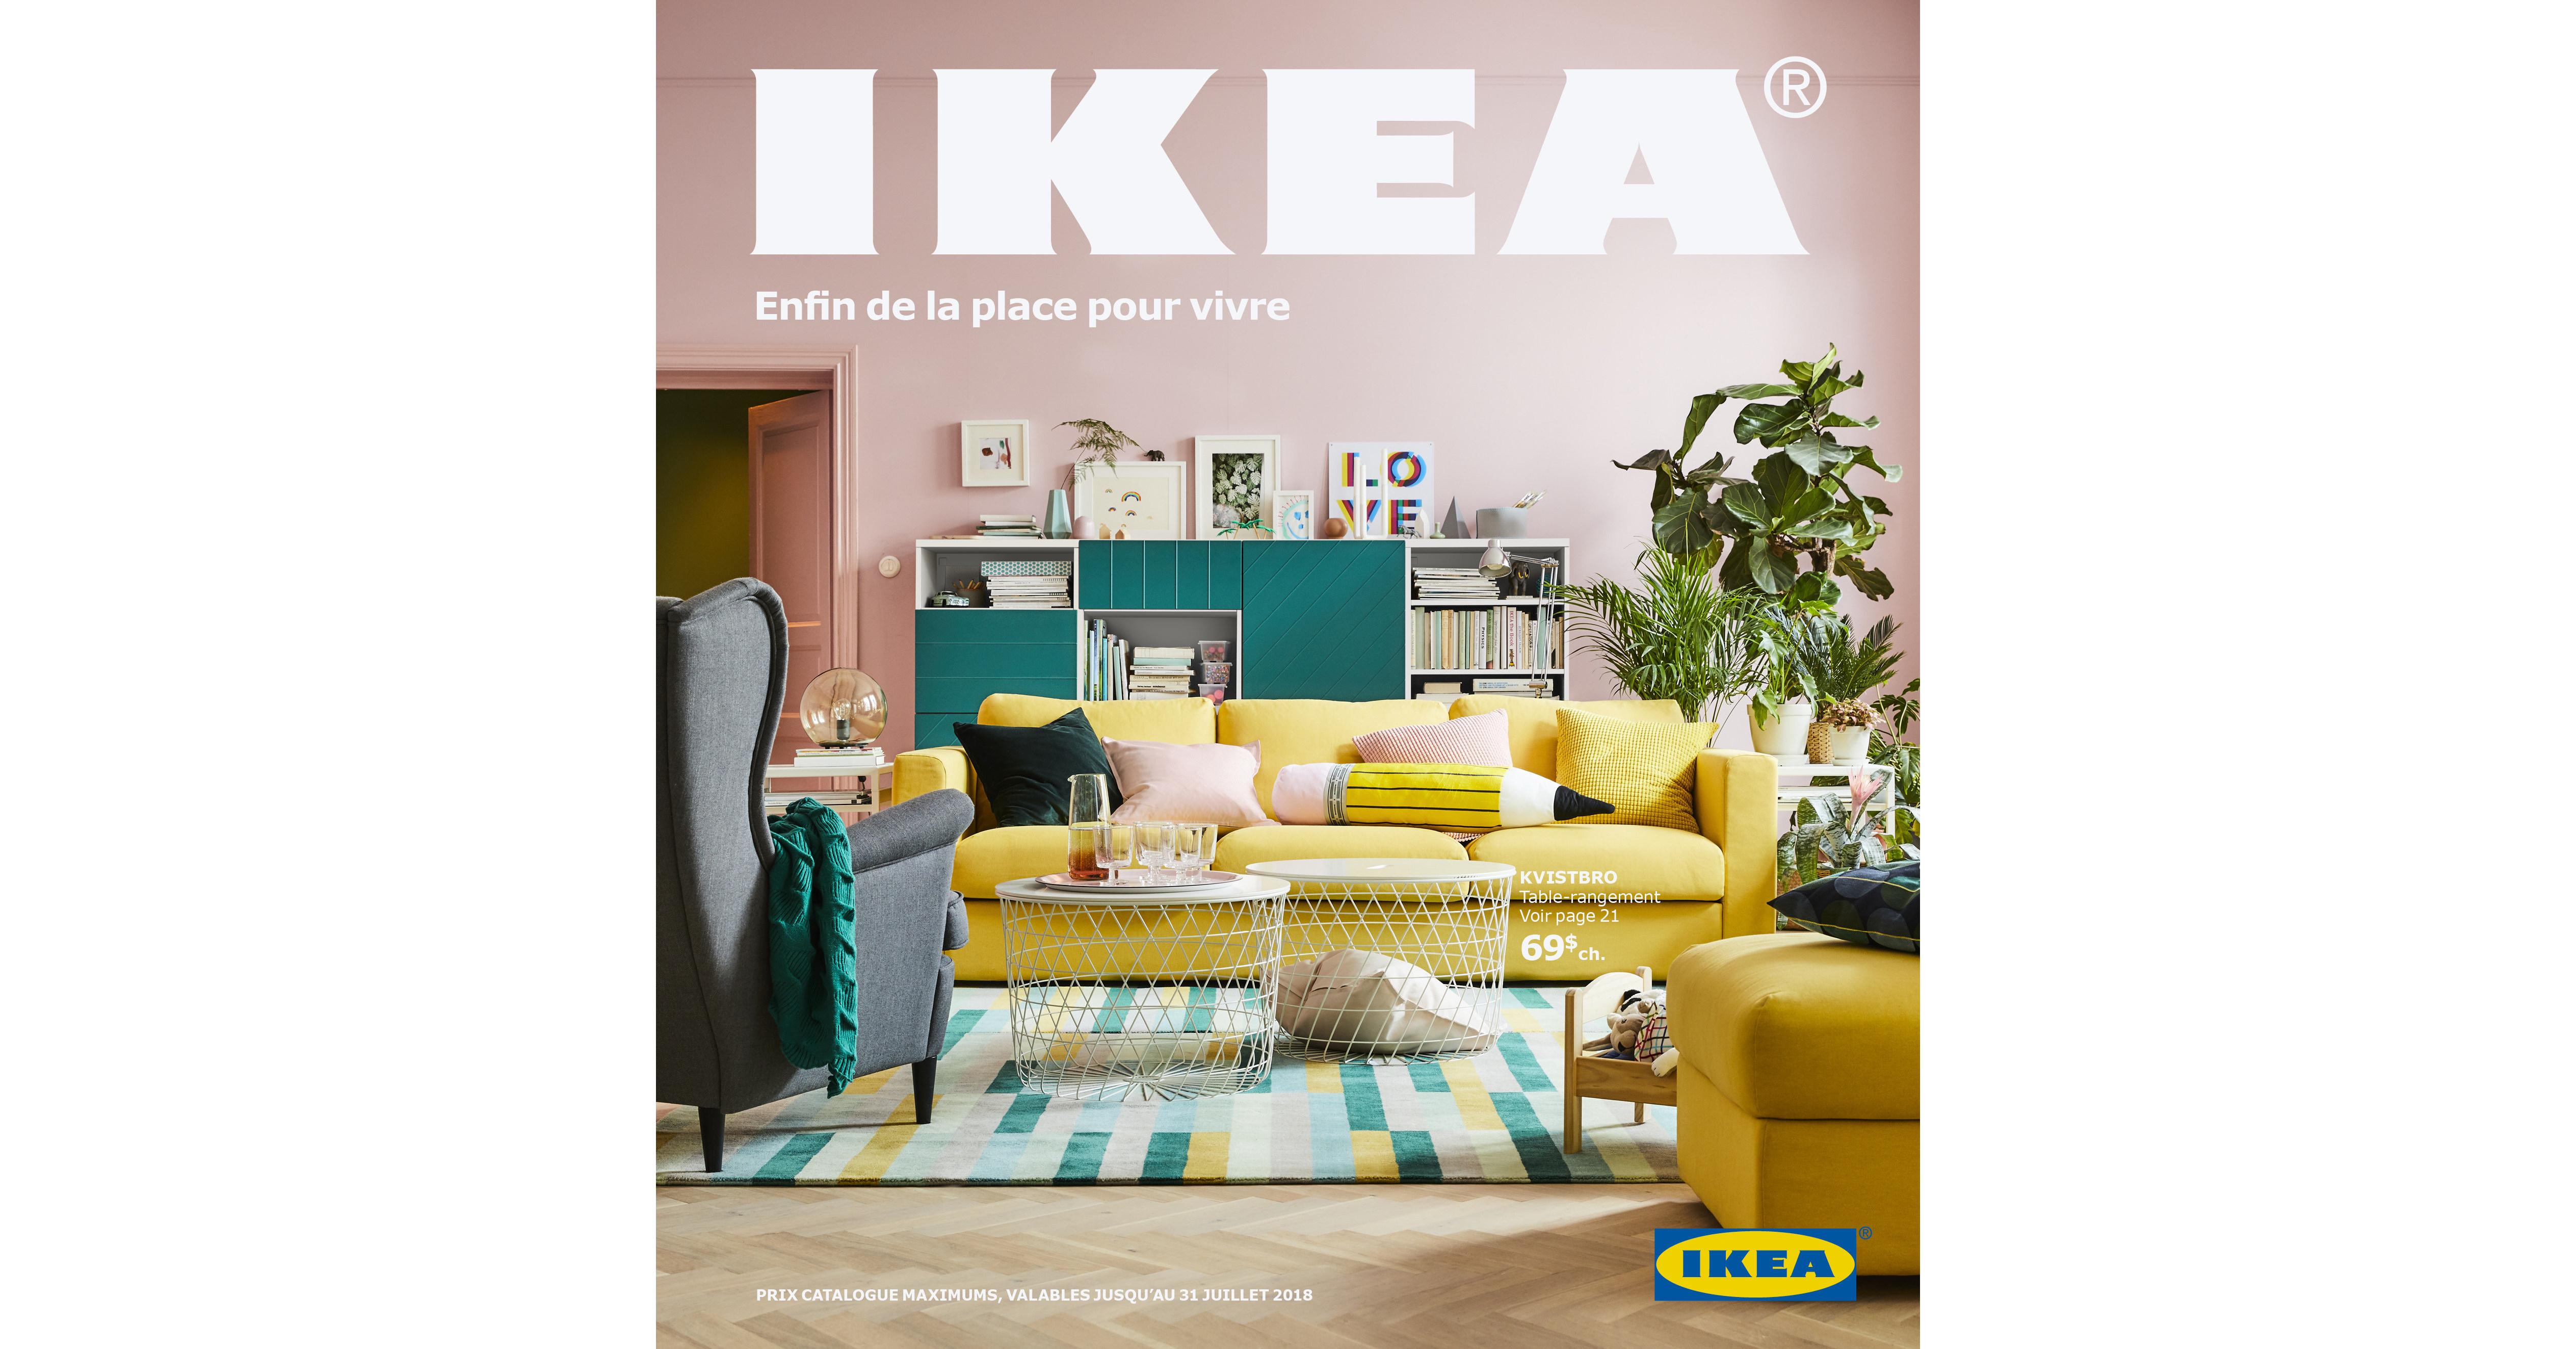 cnw le catalogue ikea 2018 arrive bient t dans toutes les bo tes aux lettres du canada. Black Bedroom Furniture Sets. Home Design Ideas